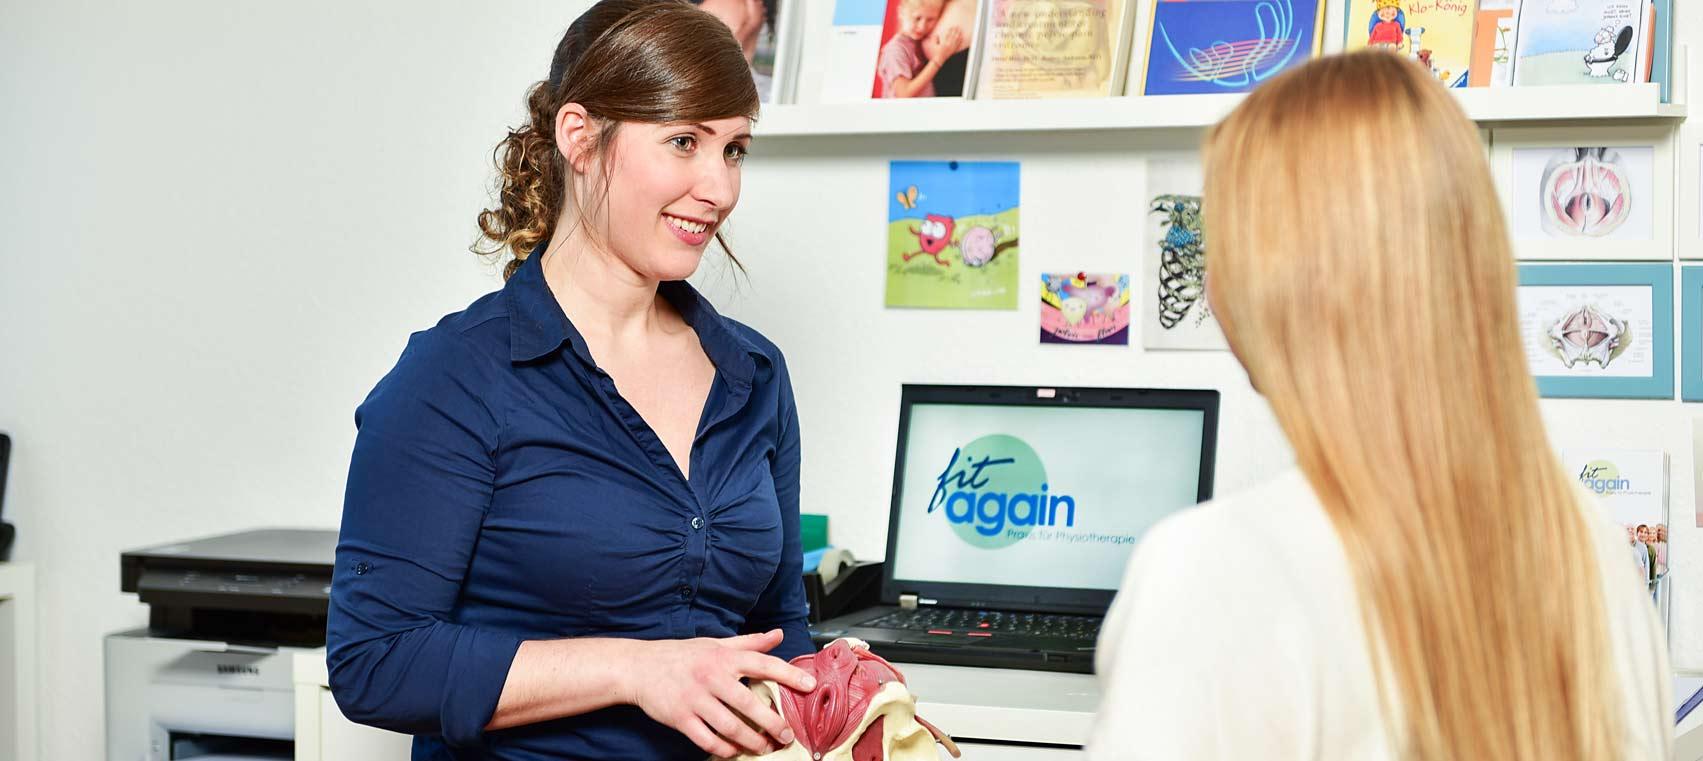 Anna Schweitzer in der Beratung, Physiotherapeutin bei fitagain, Praxis für Physiotherapie in Köln-Junkersdorf